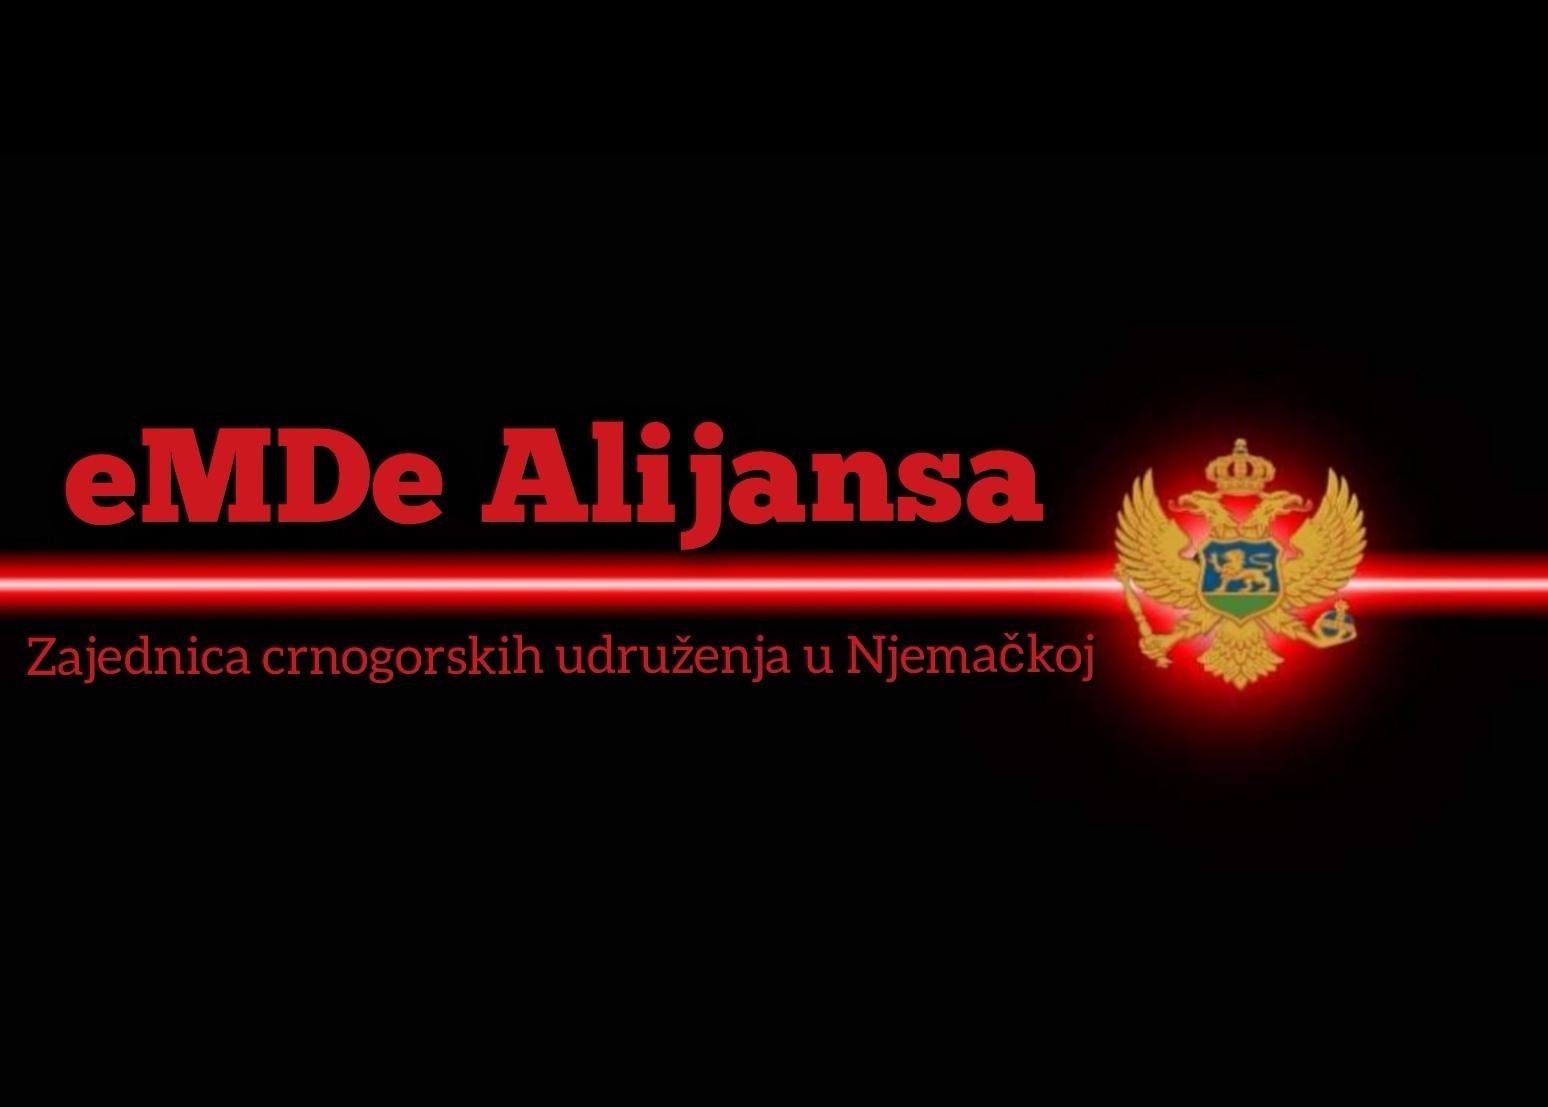 Zajednica crnogorskih udruženja u Njemačkoj: Beskrupulozni pokušaji eliminisanja crnogorske dijaspore